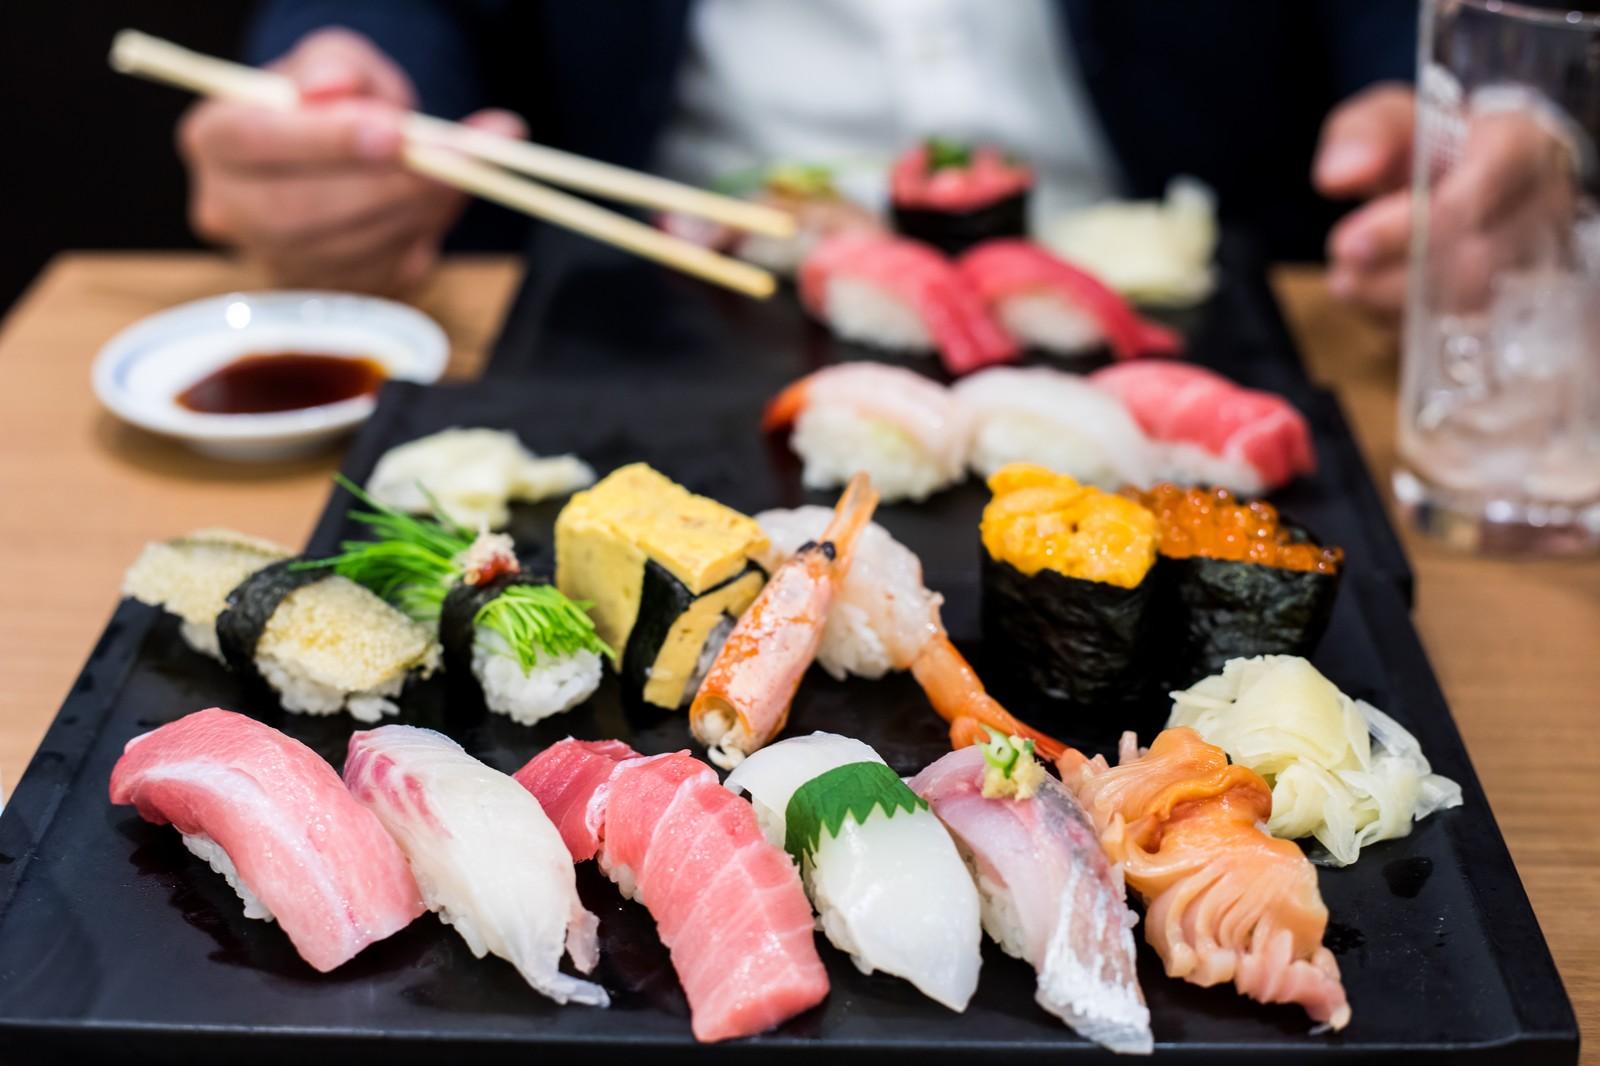 渋谷の美味しいお寿司屋さん特集!食べ放題や高級店など名店で舌鼓!